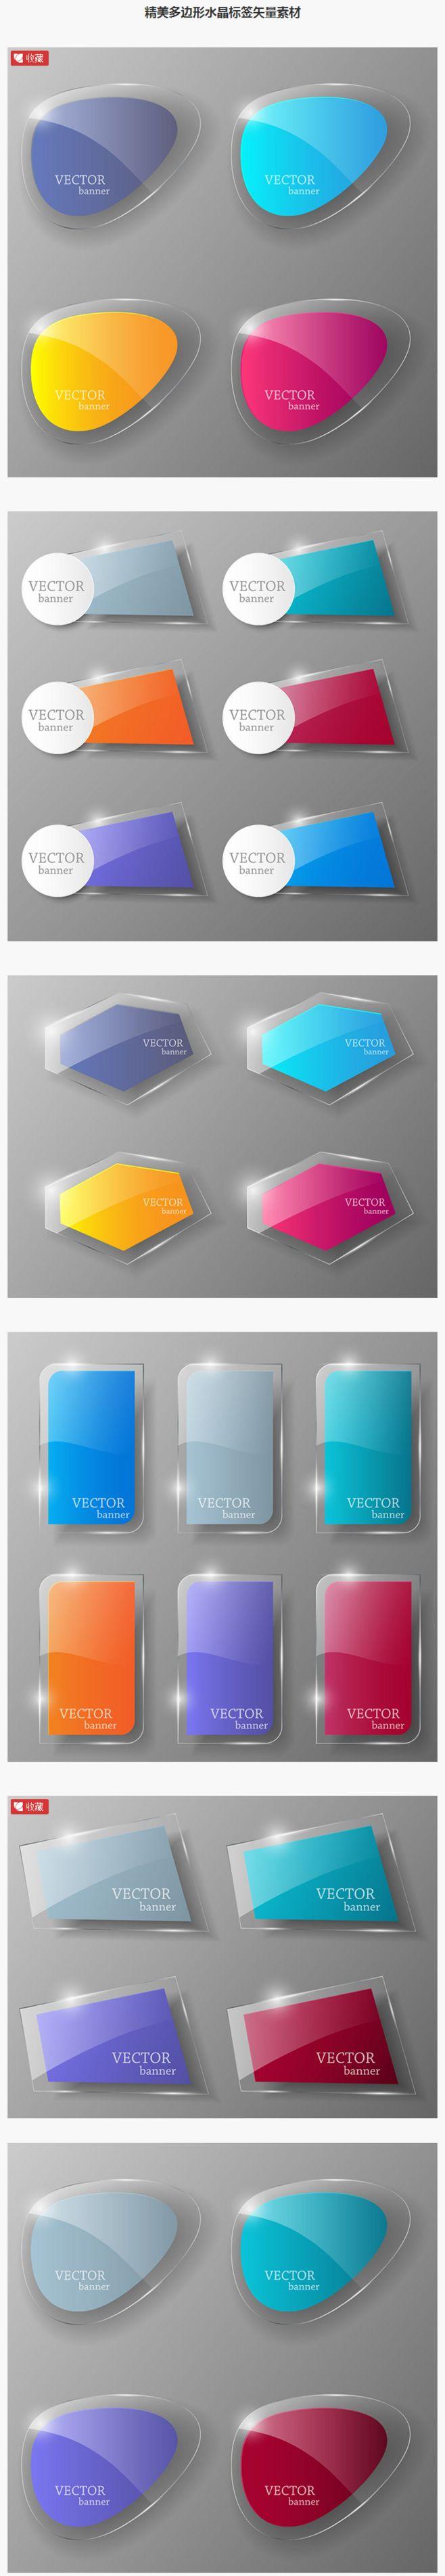 精美多边形水晶标签矢量素材 - 素材中国...